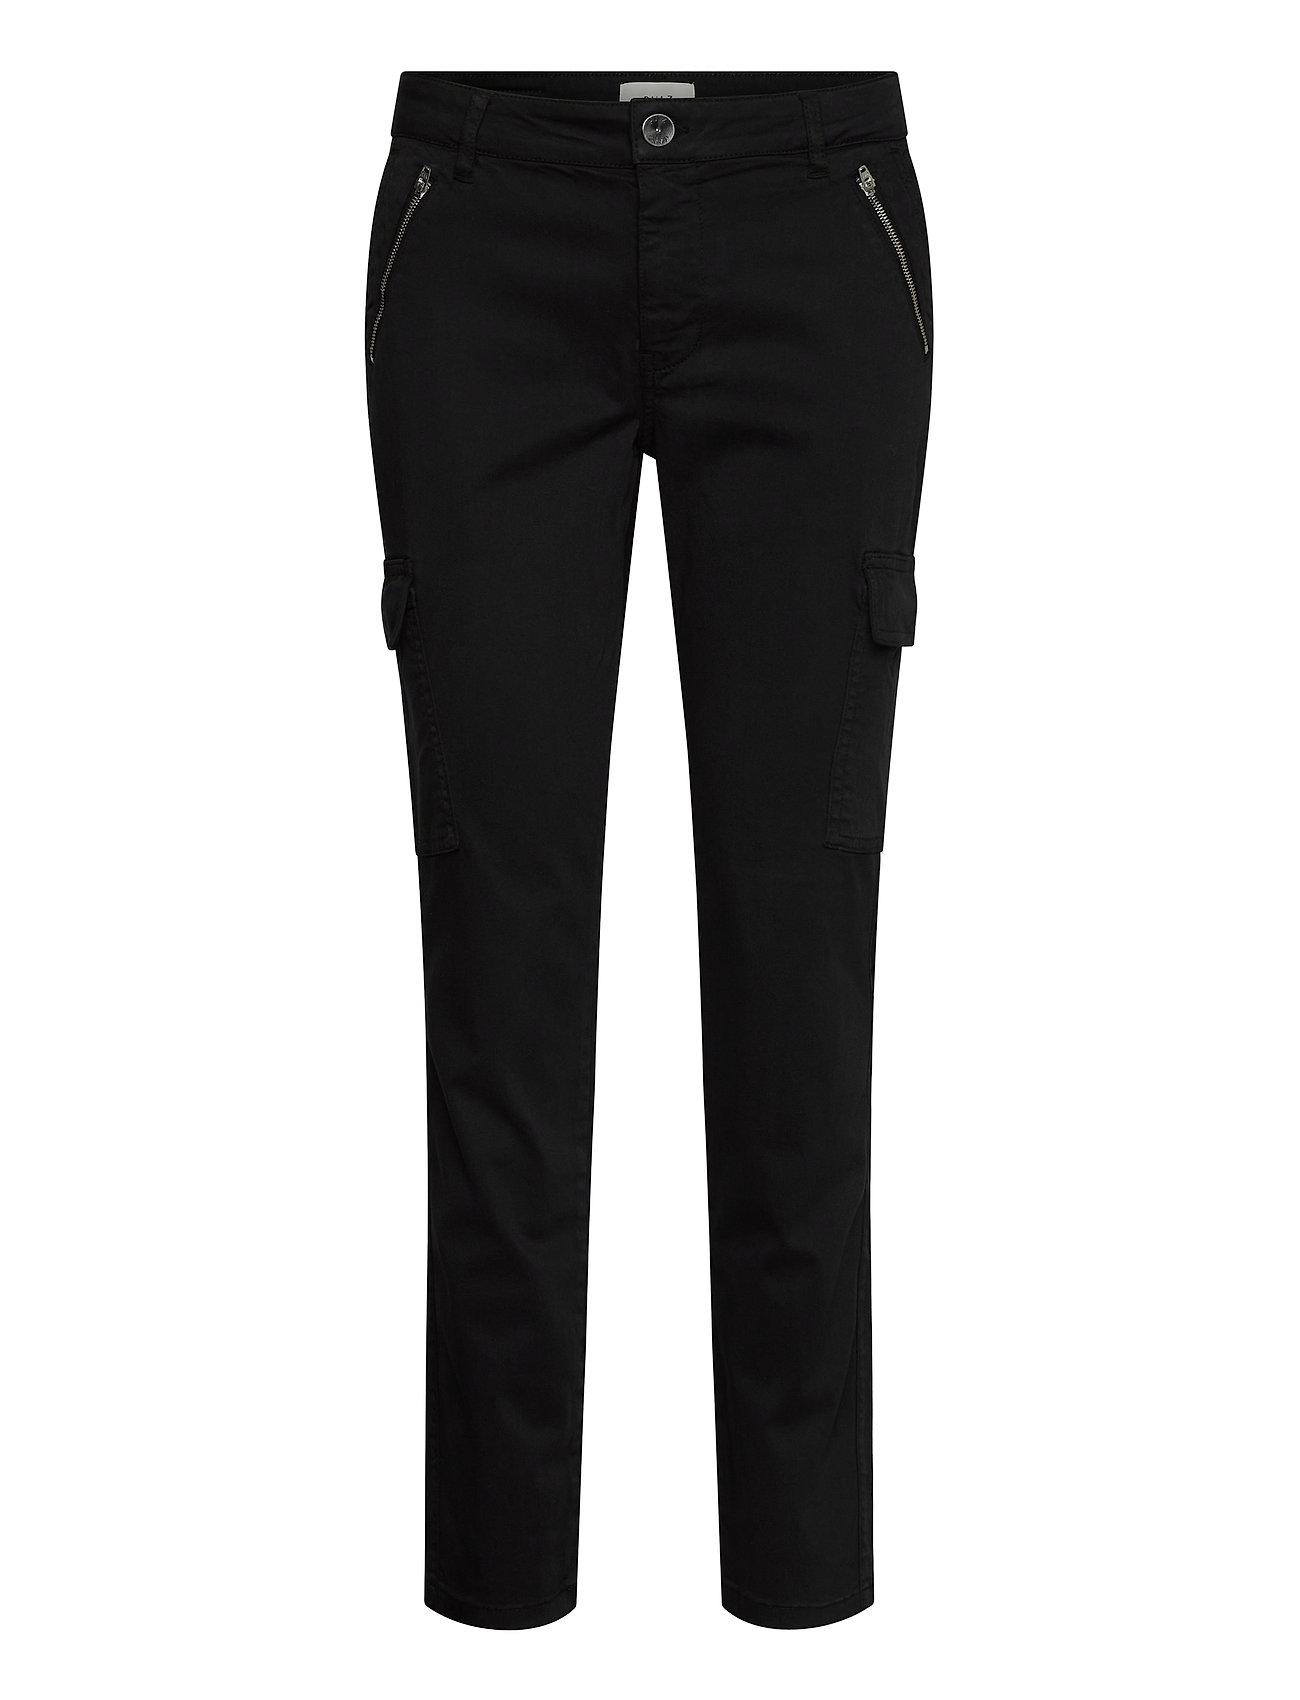 Image of Pxelva Pant Bukser Med Lige Ben Sort Pulz Jeans (3435717903)